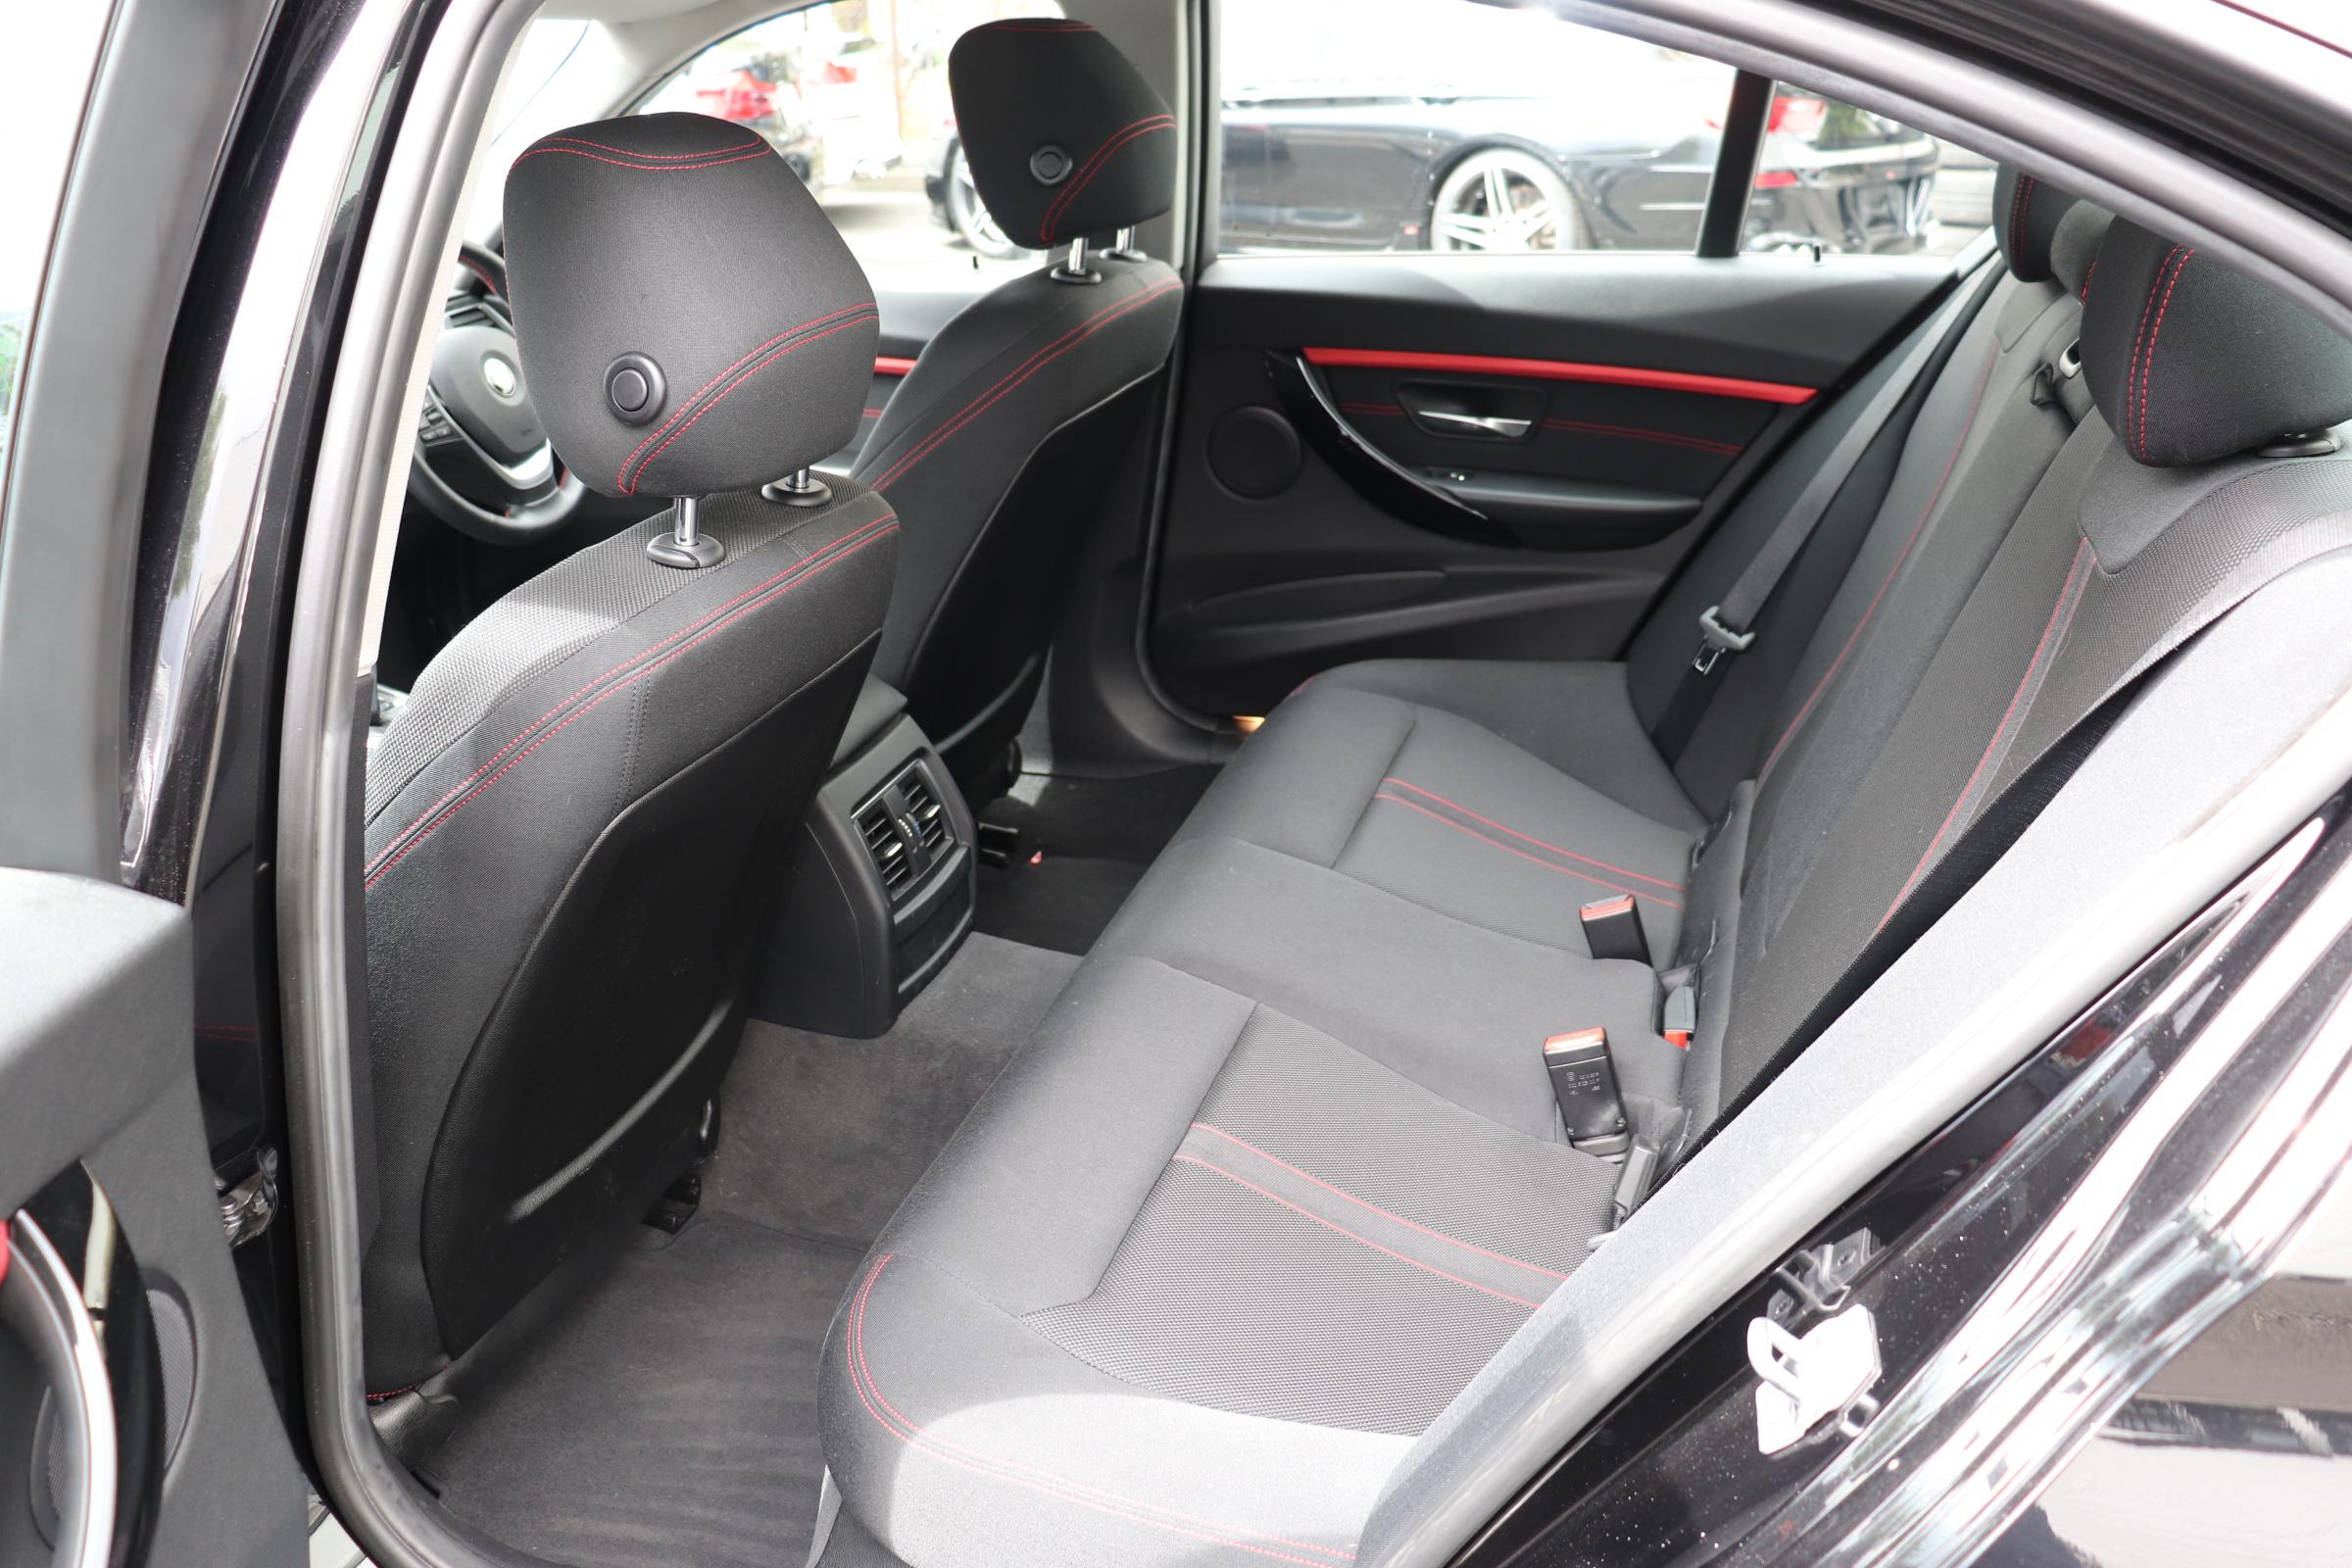 320iスポーツ BEAMコンプリートカー 後期モデル パドルシフト ACC車両画像13